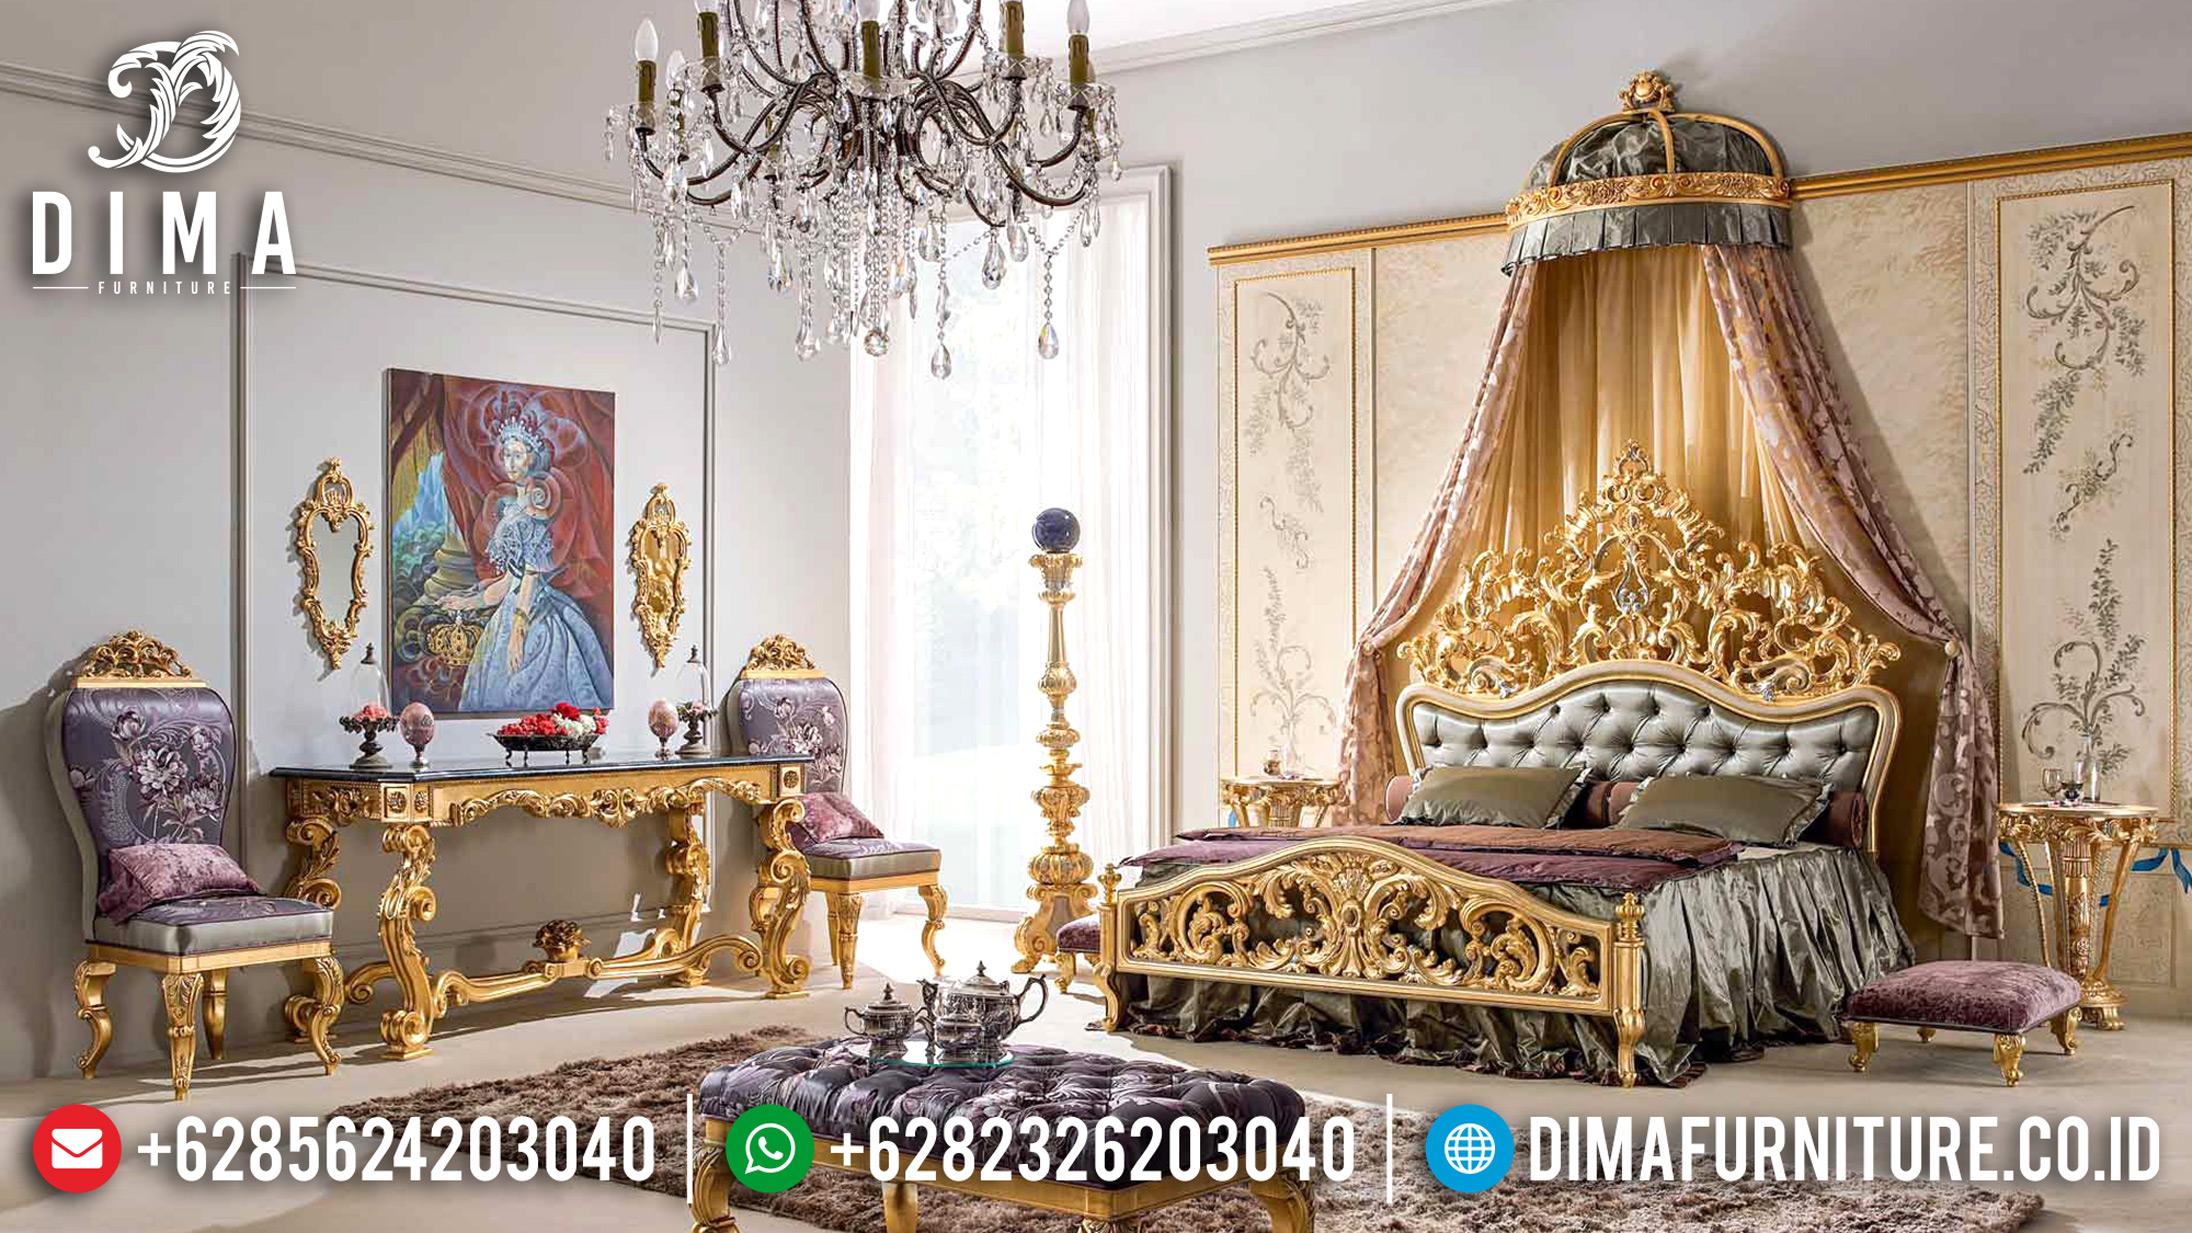 20+ Tempat Tidur Jepara Mewah Dan Minimalis Pilihan Tahun 2019 003 Dima Furniture Jepara